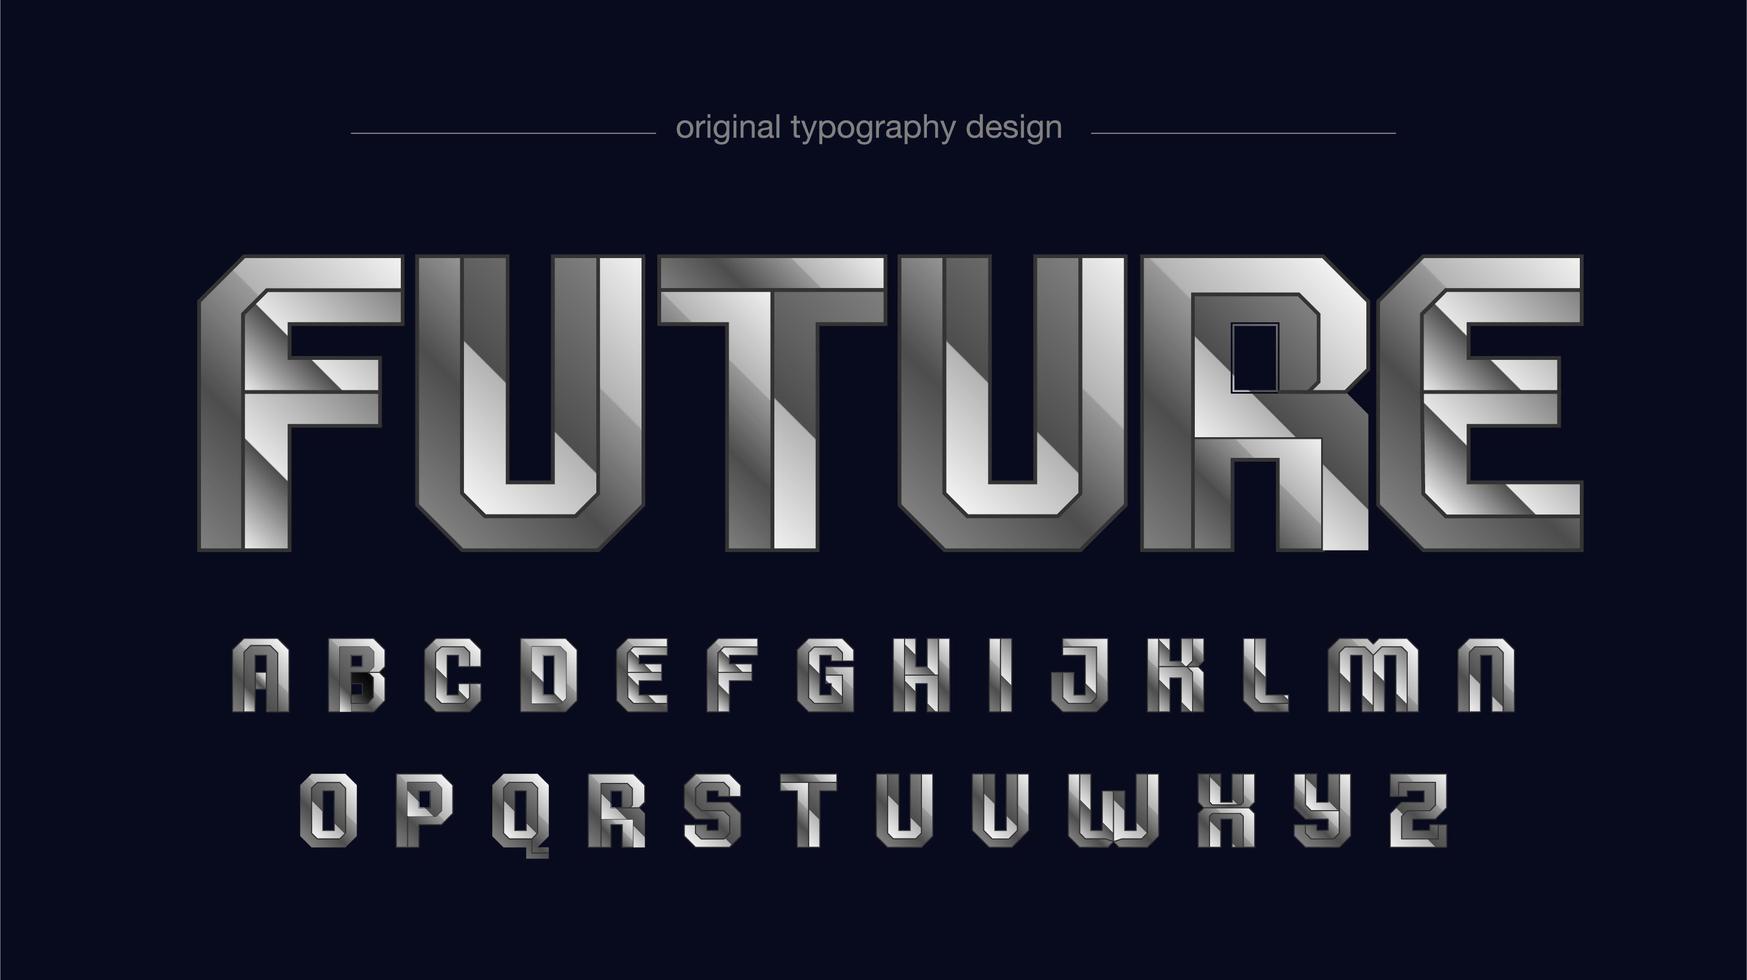 typographie sportive futuriste métallique argent chromé vecteur